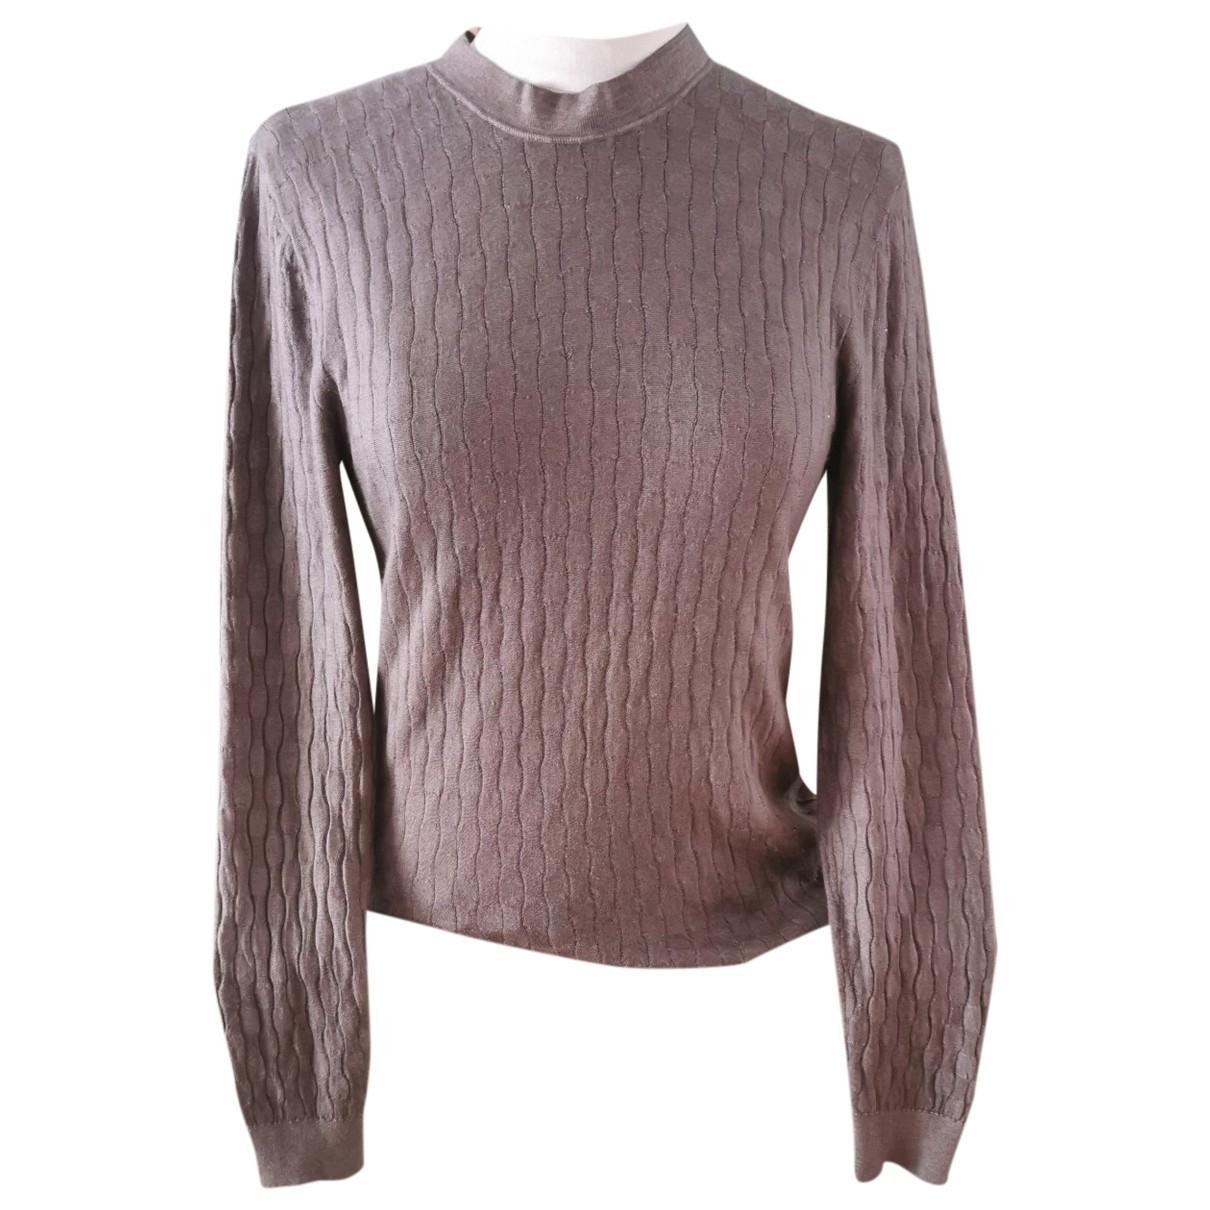 Louis Vuitton - Pulls.Gilets.Sweats   pour homme en cachemire - marron